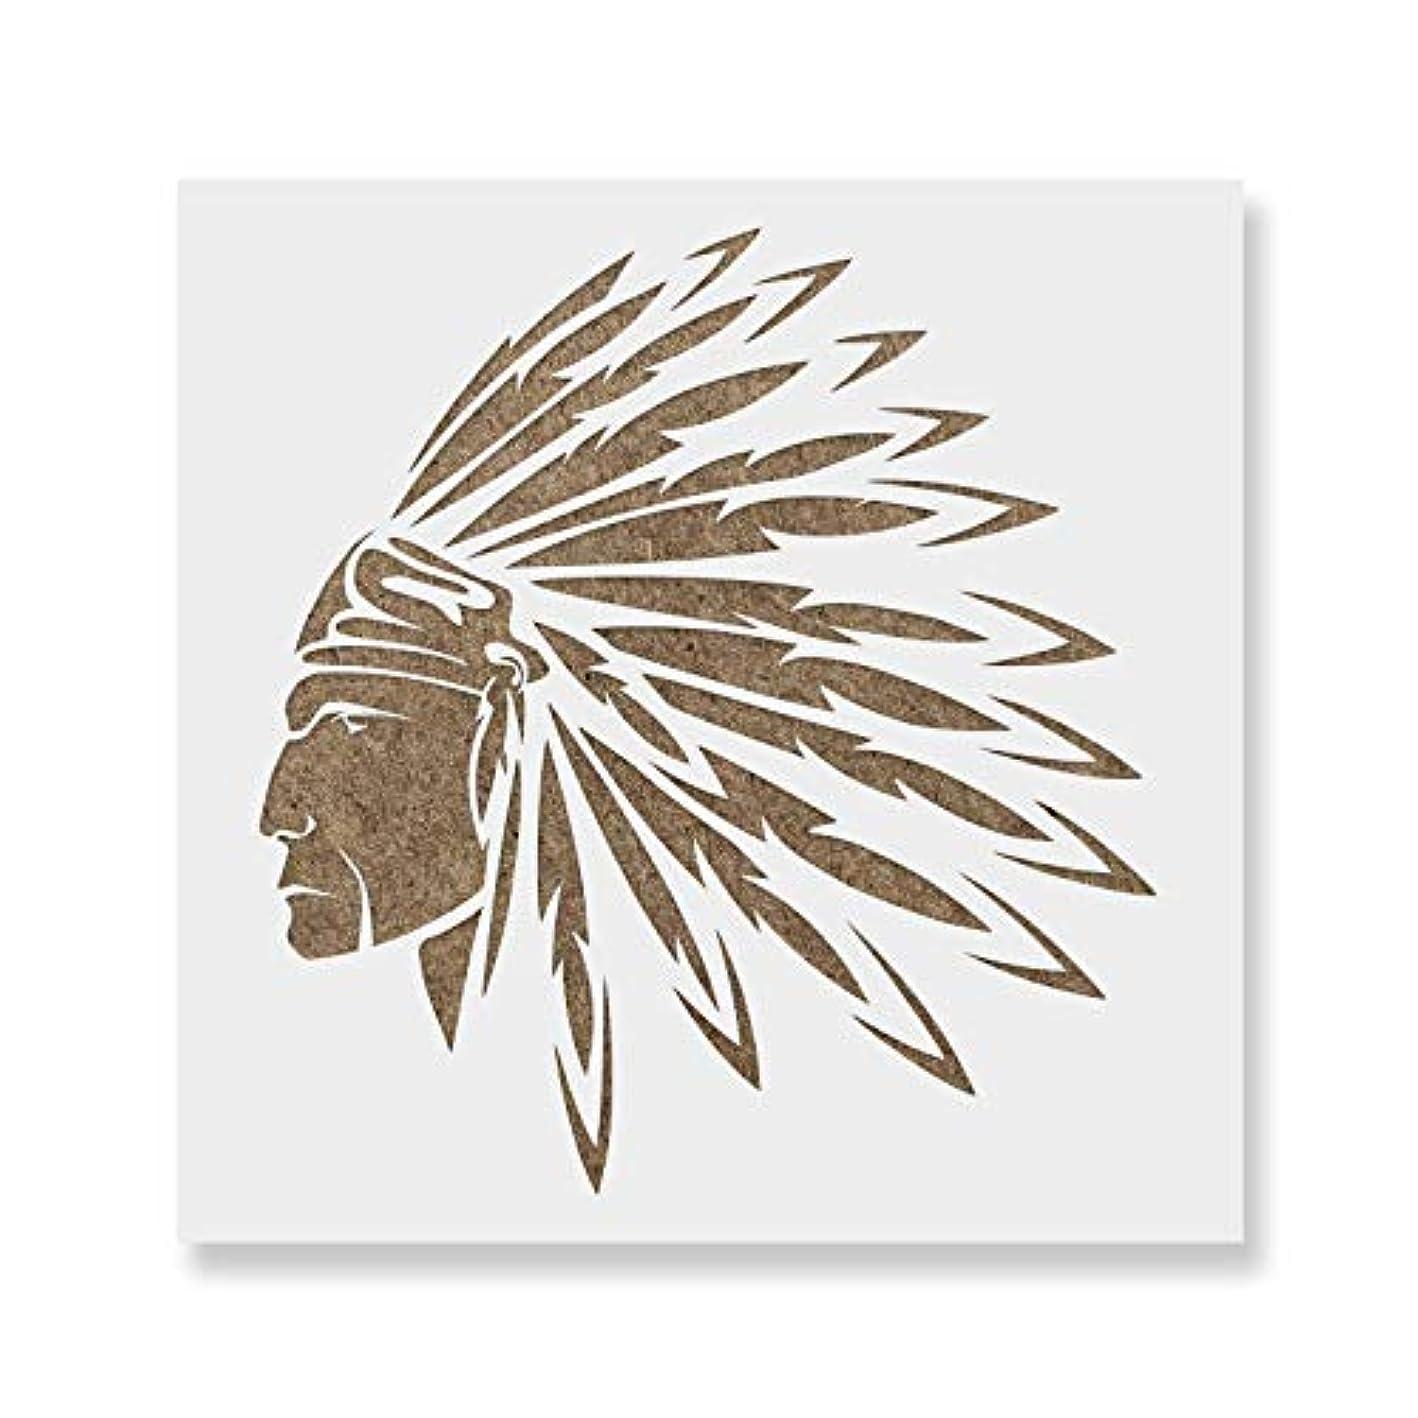 敬意を表する反発トーンネイティブアメリカンインディアンステンシルテンプレート – 再利用可能なステンシルwith複数サイズあり 12